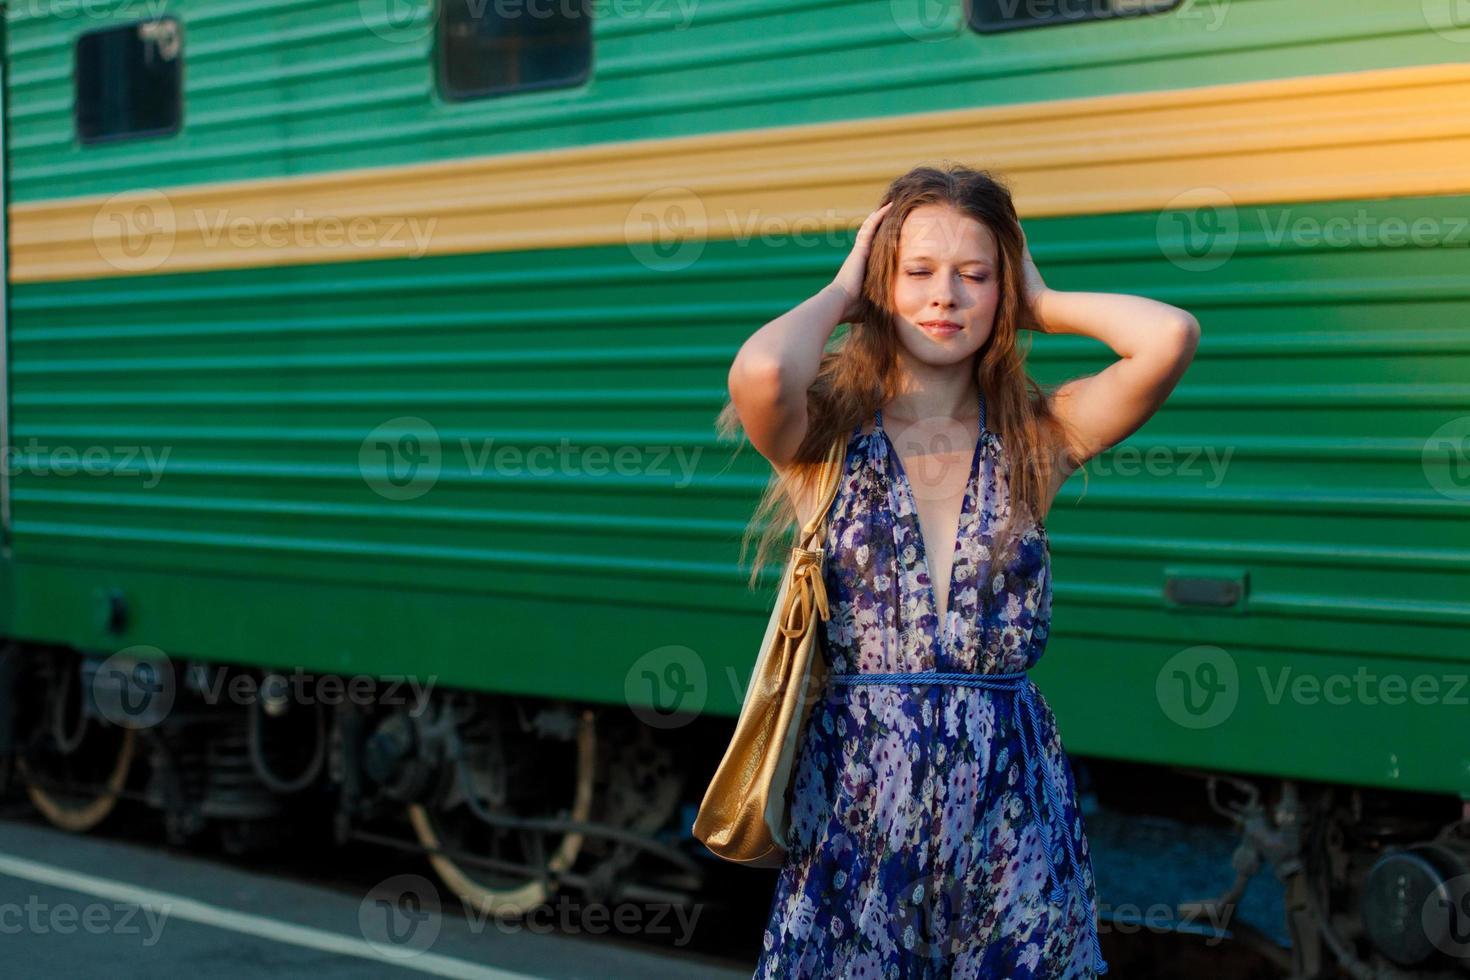 donna in attesa del treno sulla piattaforma foto